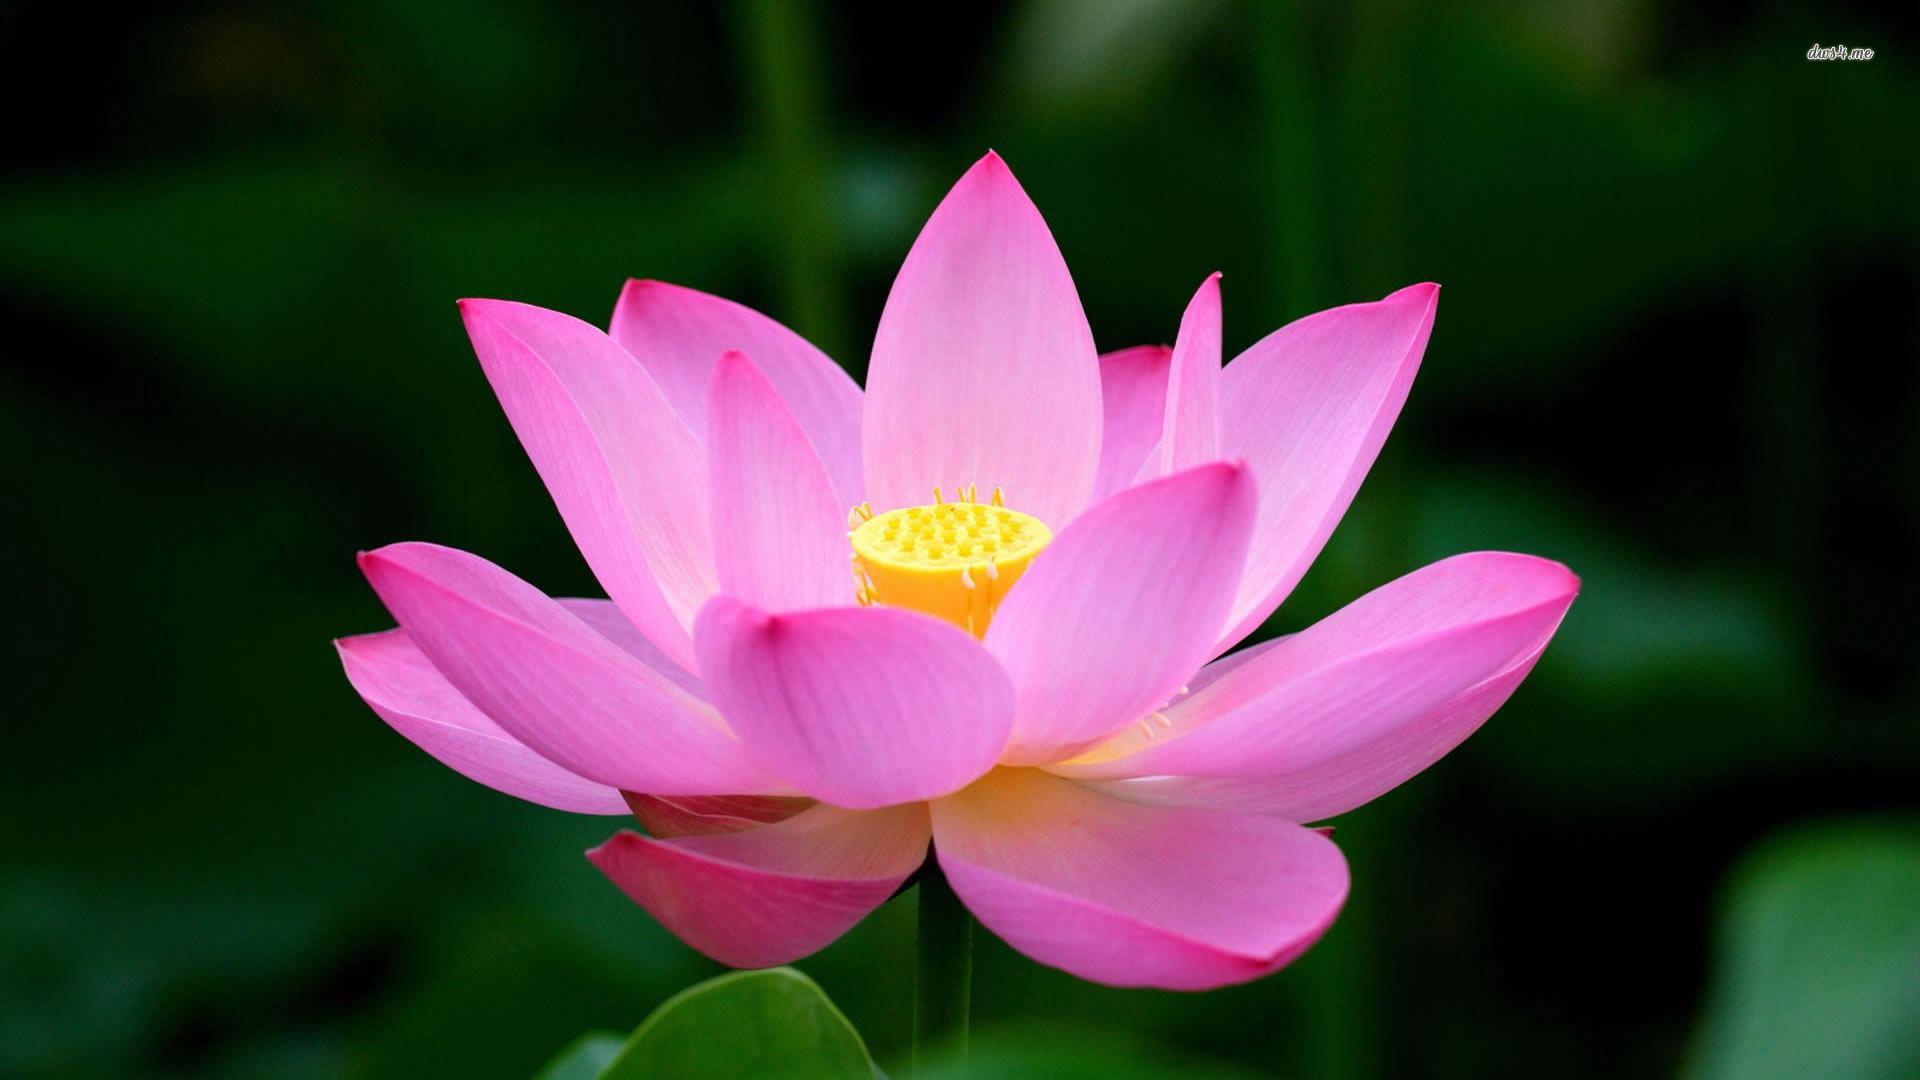 Pink lotus flower wallpaper hd wallpaper 1 yola dunne mightylinksfo